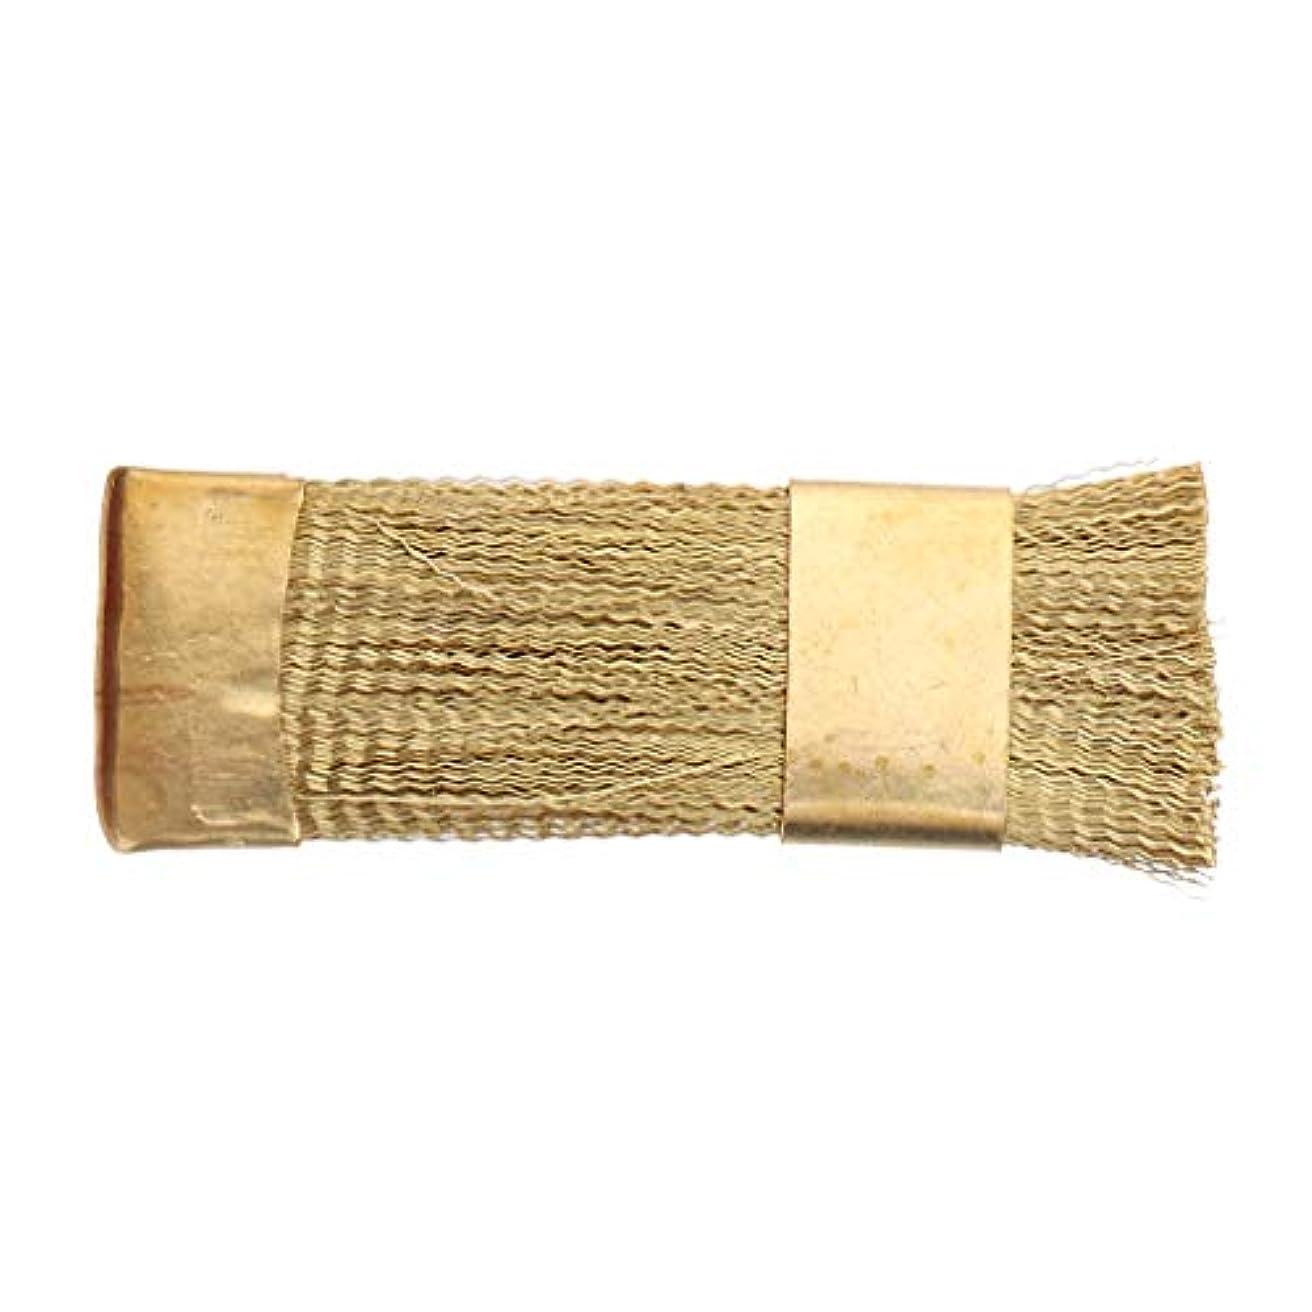 サンダルレプリカ指紋ネイルドリルビット クリーニングツール 清掃ブラシ